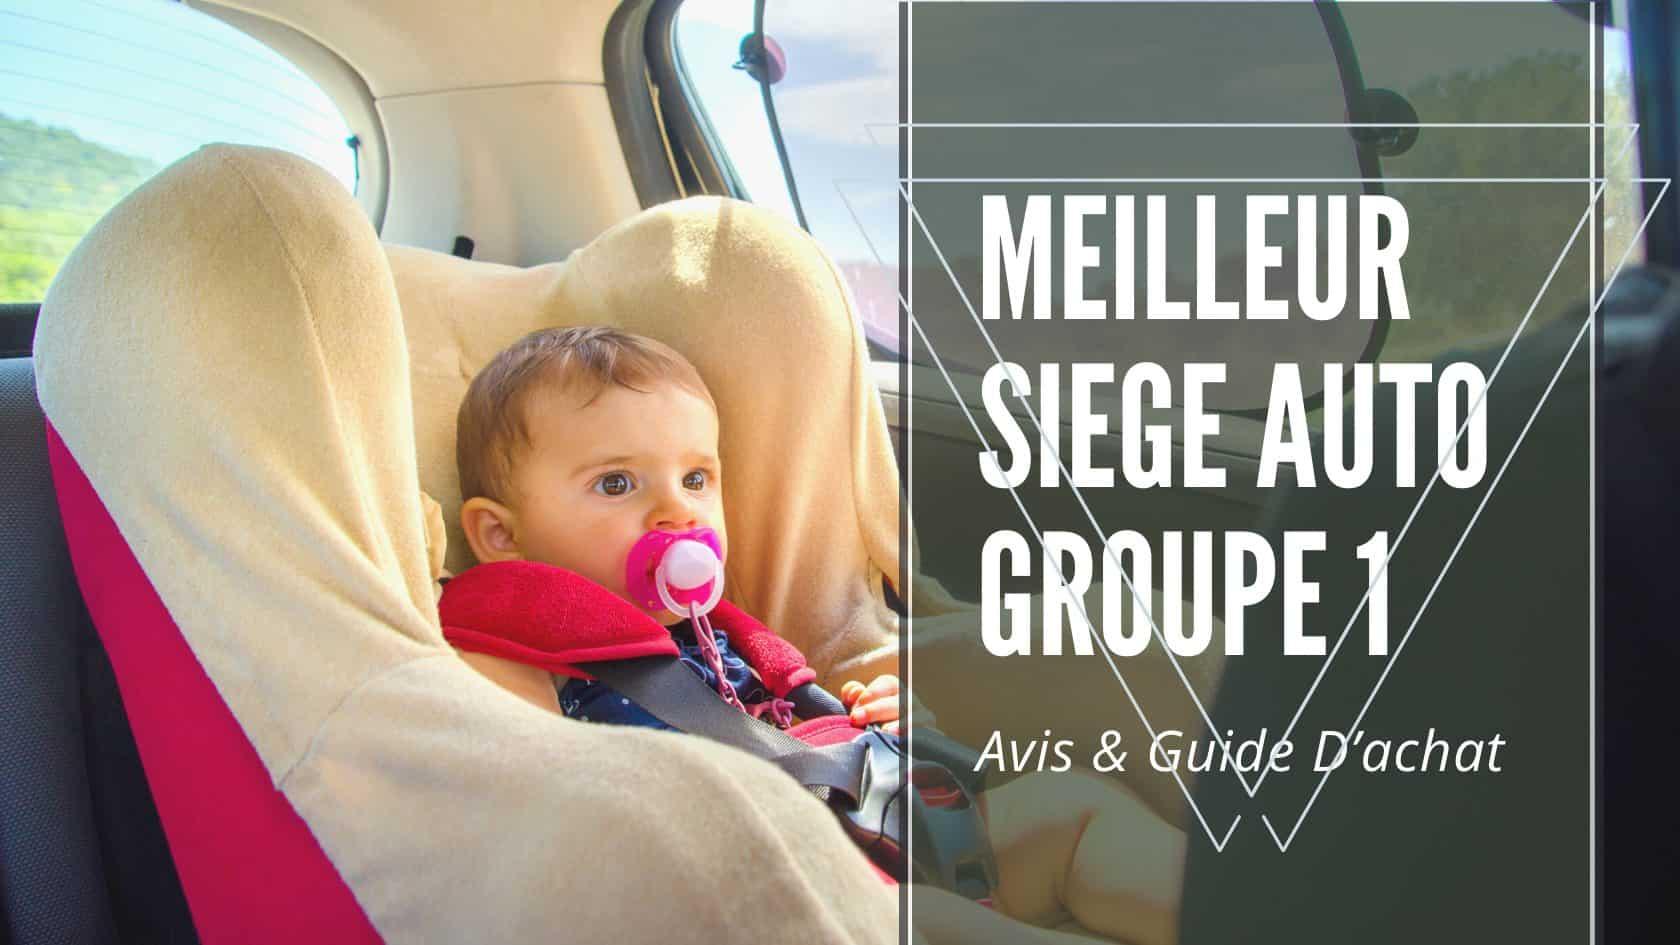 Meilleur Siege Auto Groupe 1